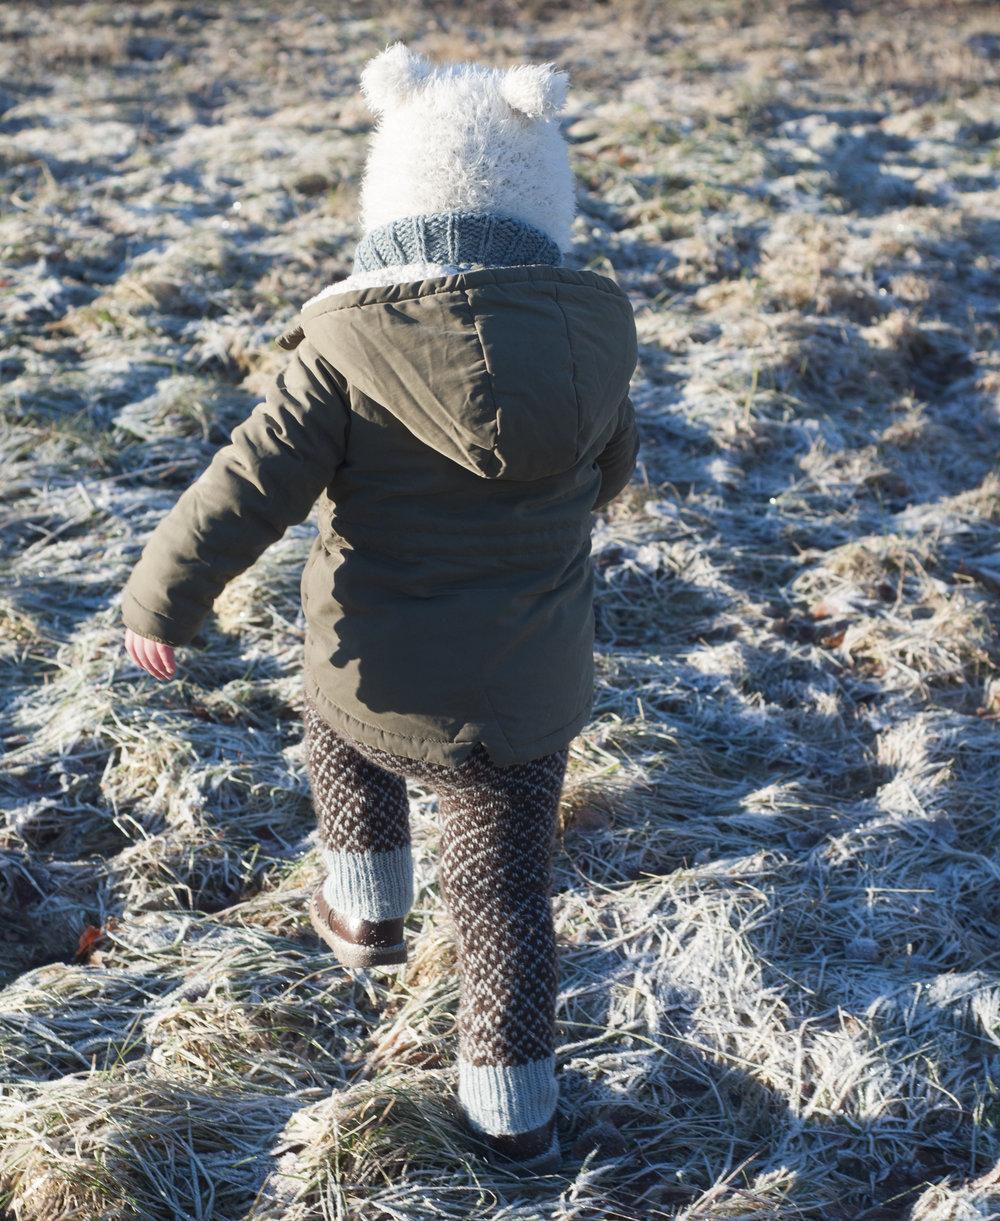 Utendørsfotografering er egentlig en av mine favoritter - mye hyggeligere, mye mindre behov for kontroll. Men det viser seg at en toåring helt fint kan løpe fra en høygravid dame. -Lillebjørn og Pers bukse